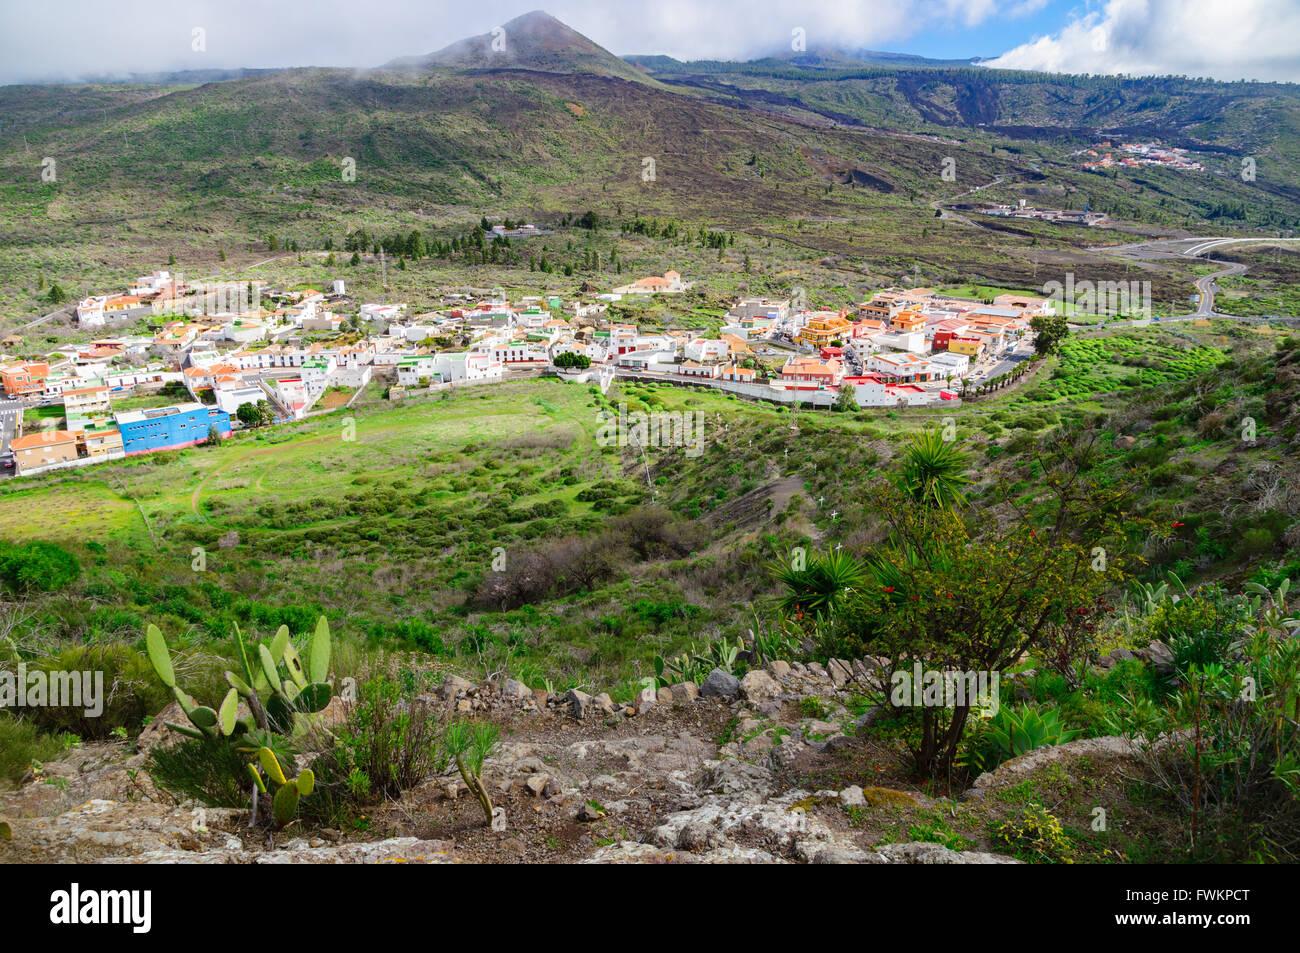 Übersehen Sie, Blick auf Camino De La Virgen de Lourdes und Santiago del Teide, Teneriffa, Spanien Stockbild